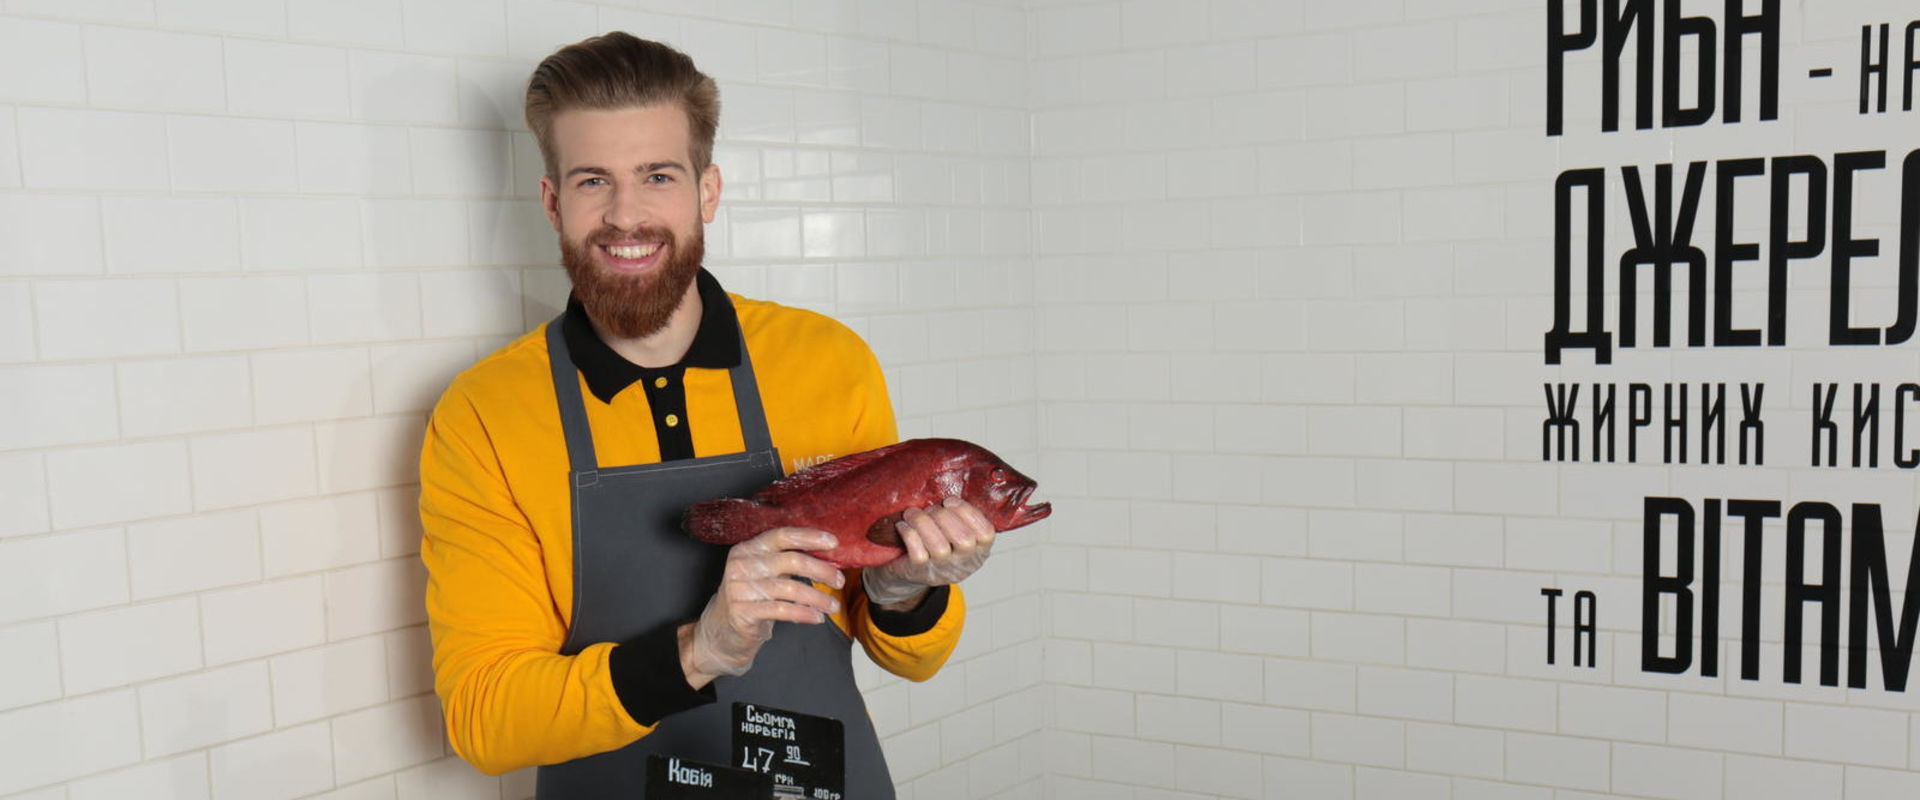 Видеть во сне покупку рыбы